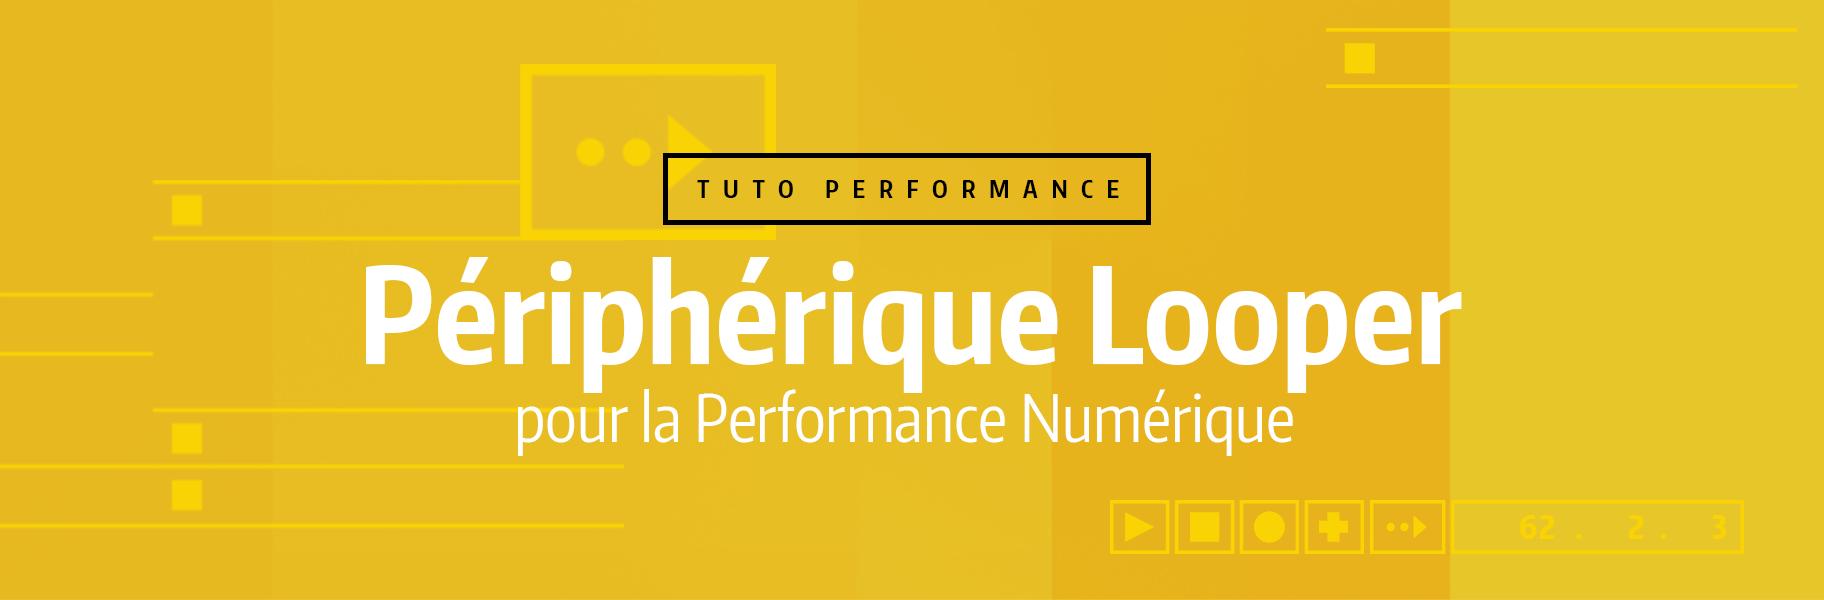 Tutoriel Ableton Live #51 - Périphérique Looper pour la Performance Numérique